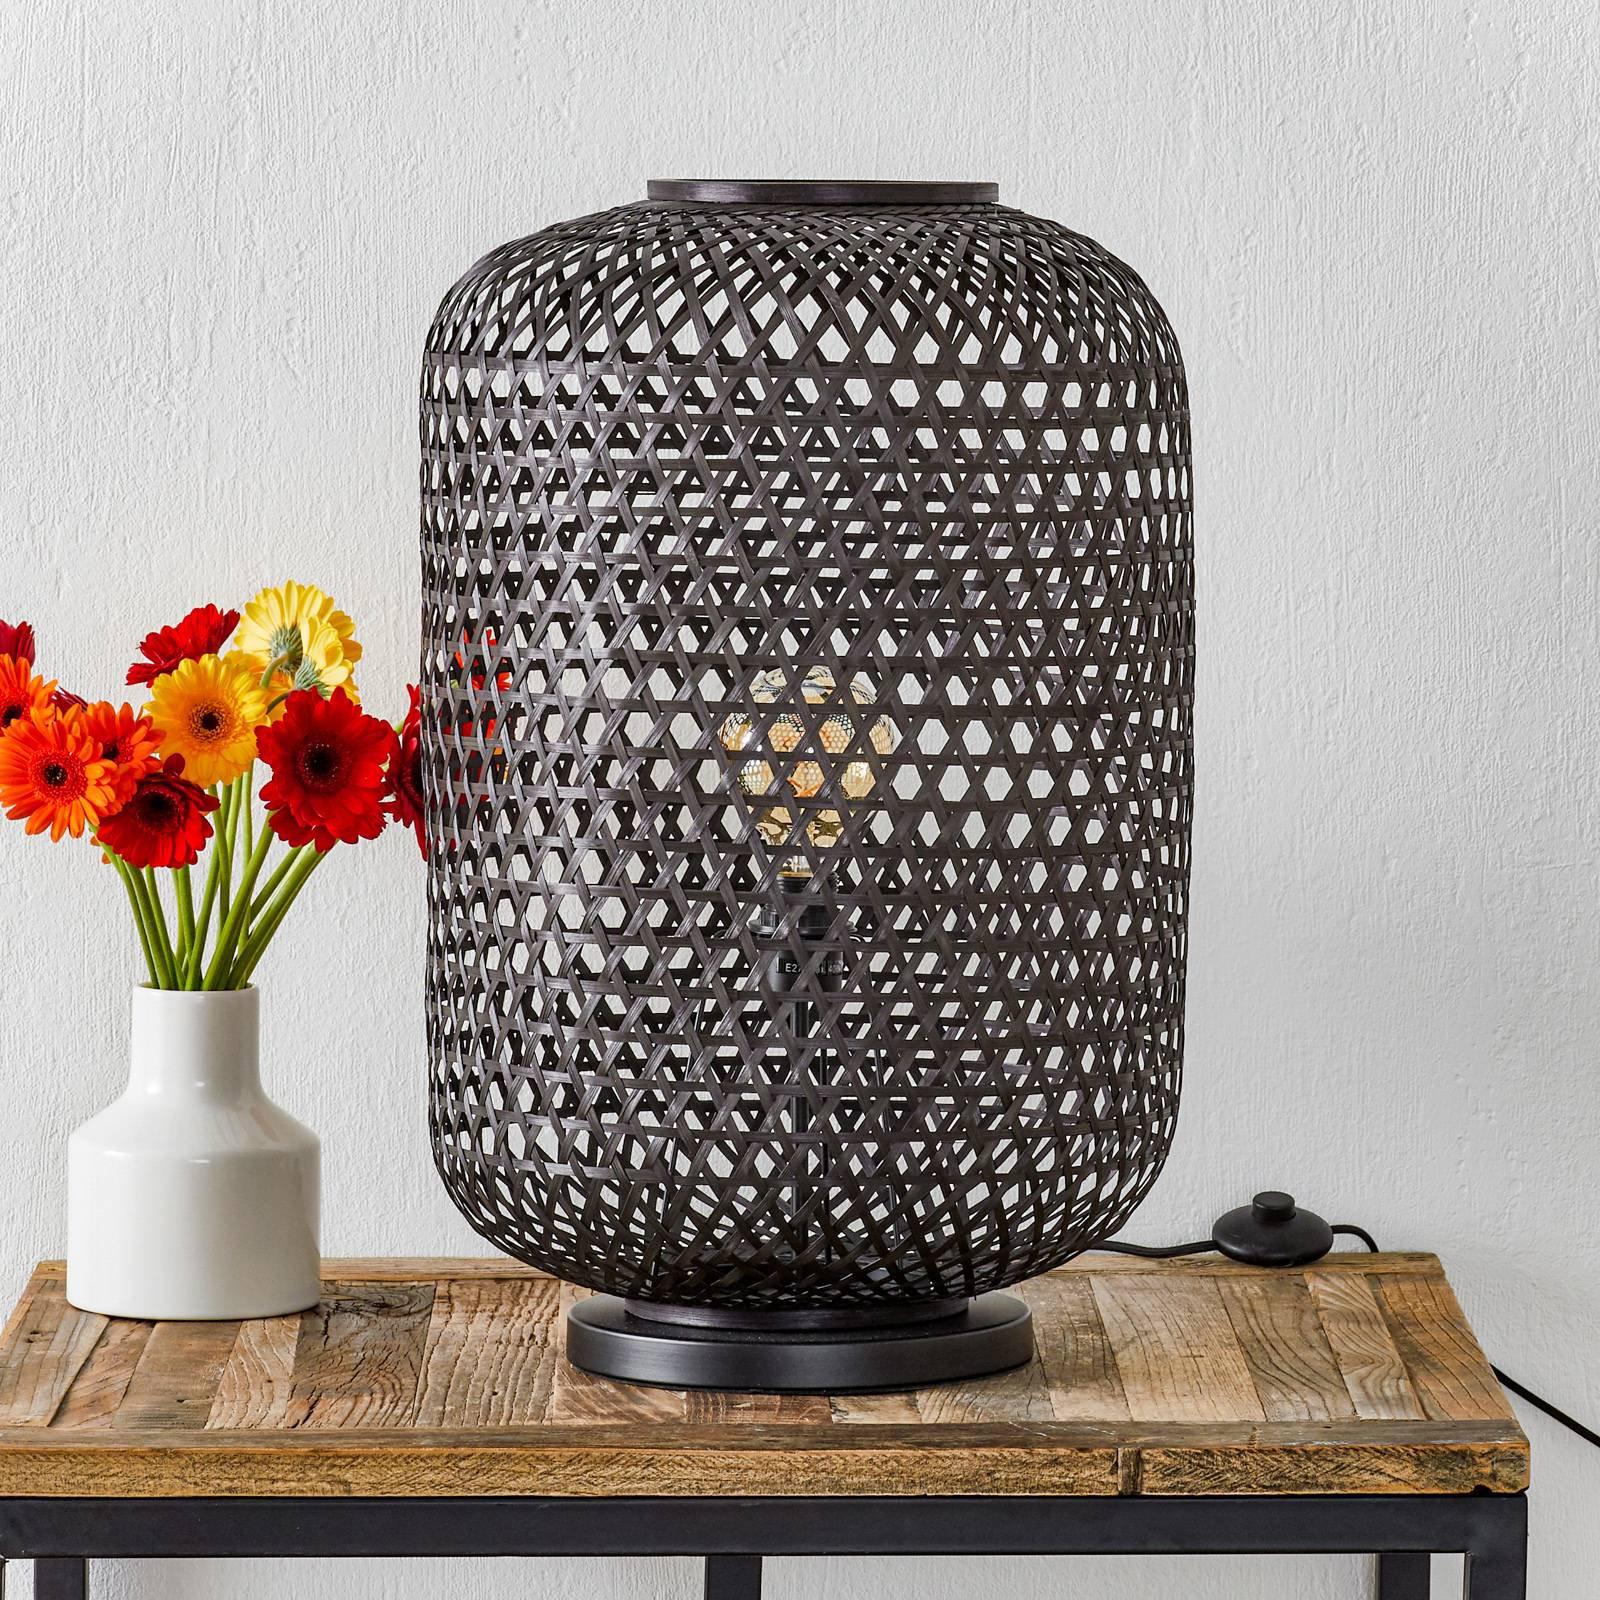 Schöner Wohnen Calla-gulvlampe, svart, 63 cm